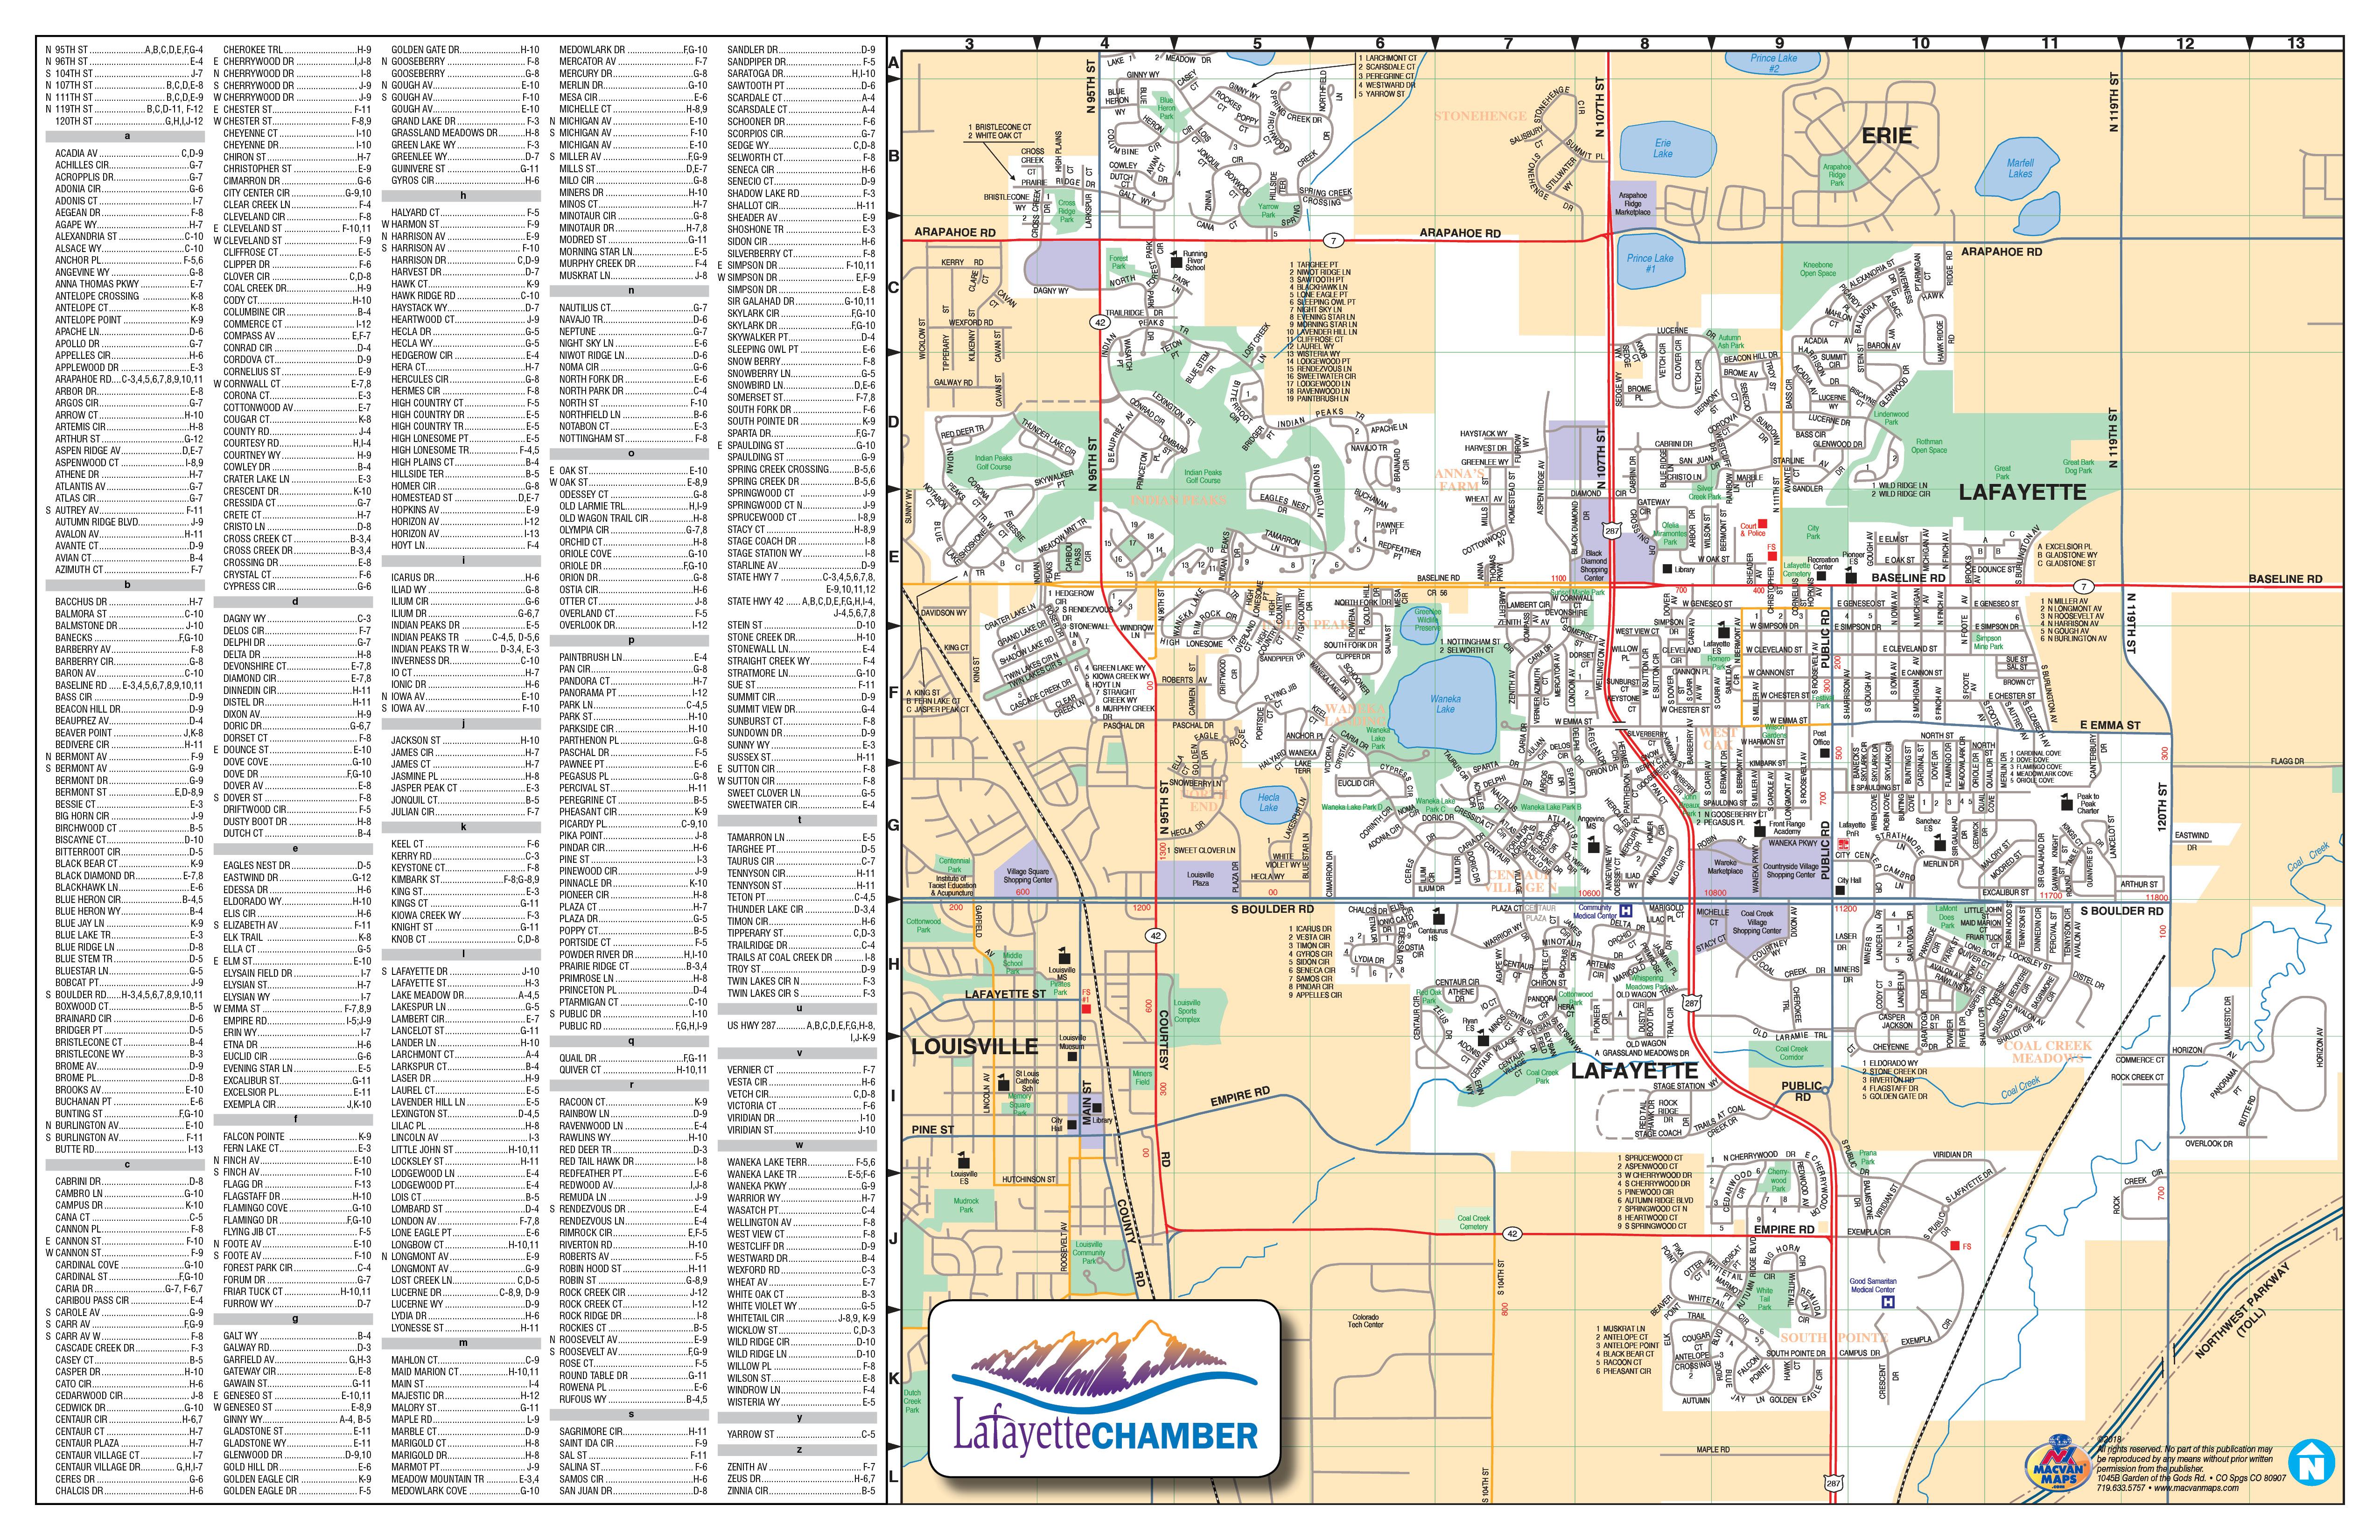 Lafayette City Map Lafayette Chamber of Commerce